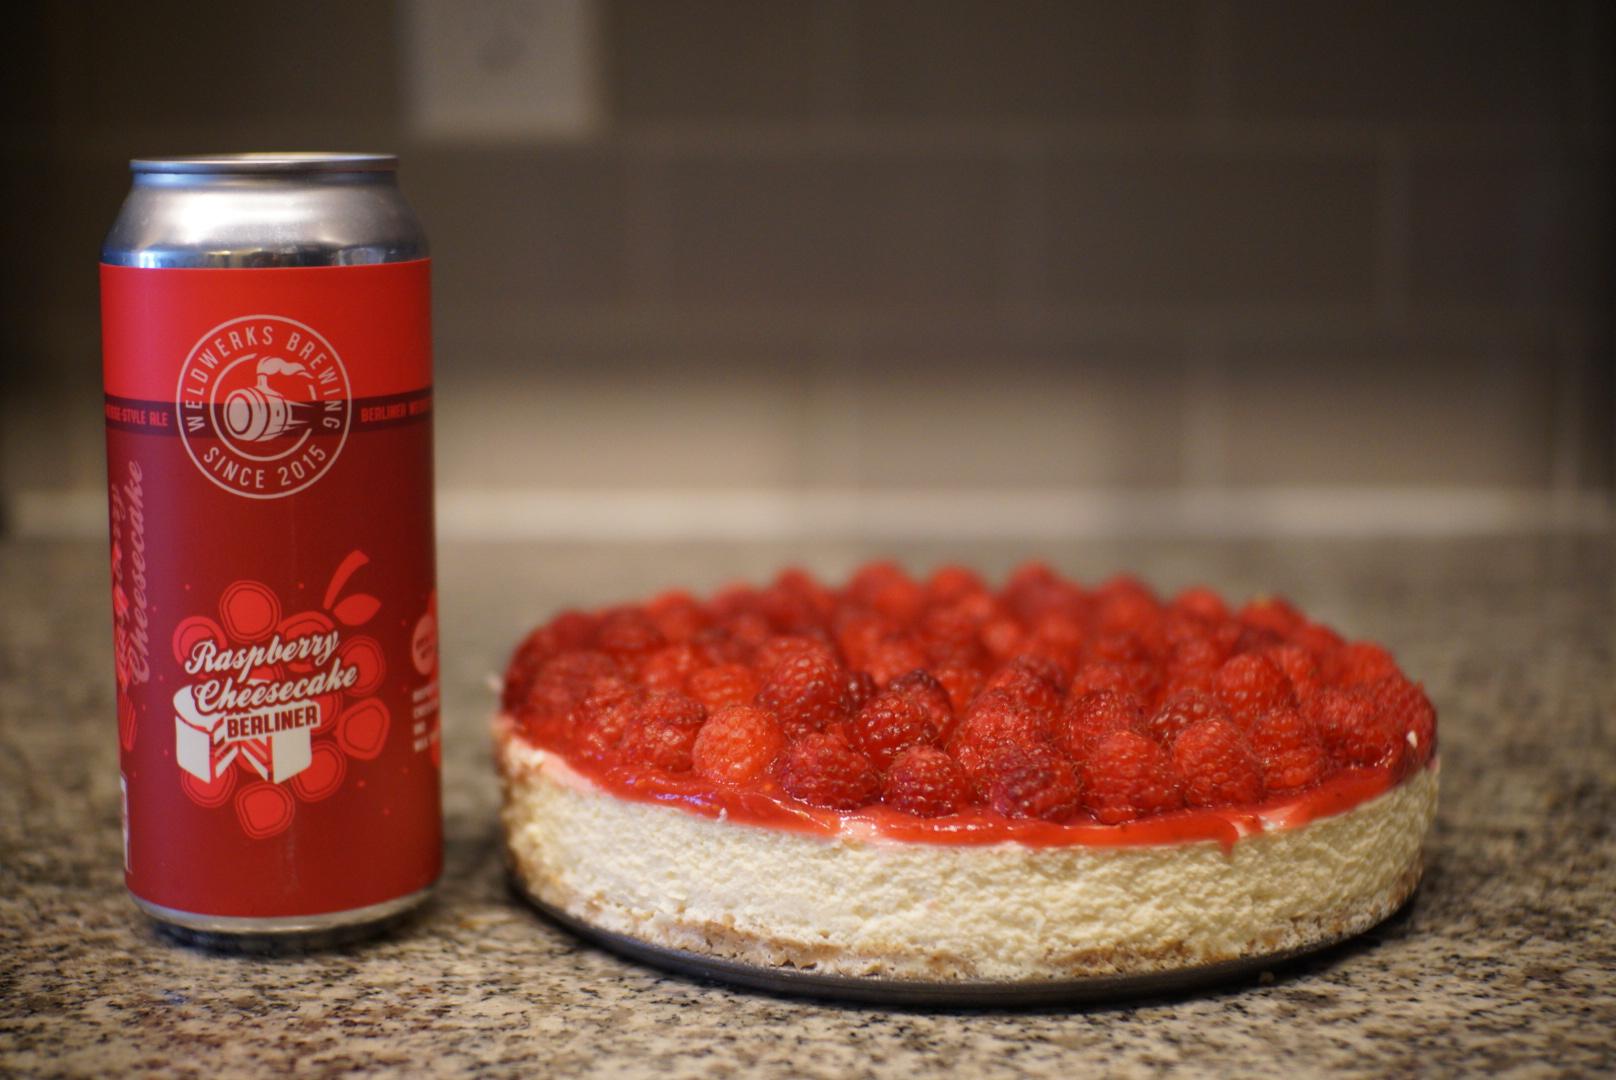 WeldWerks Raspberry Cheesecake Berliner